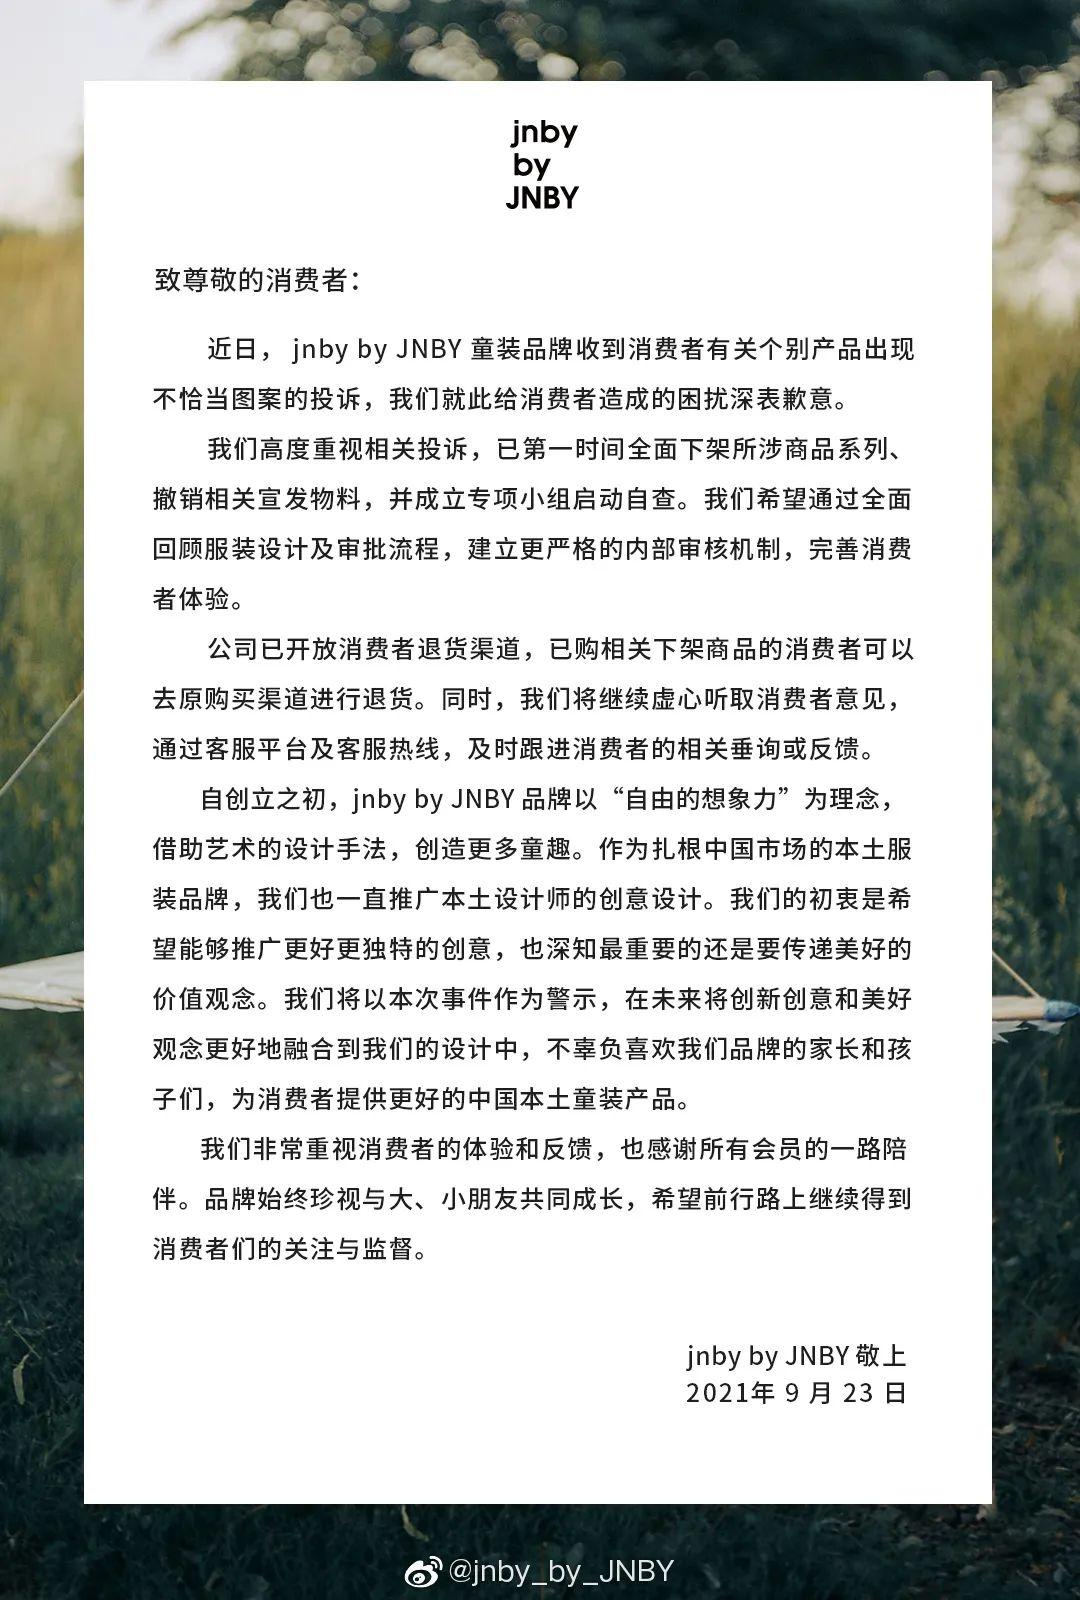 """江南布衣大跌6%,童装上印""""欢迎来地狱"""",还能翻身吗?"""